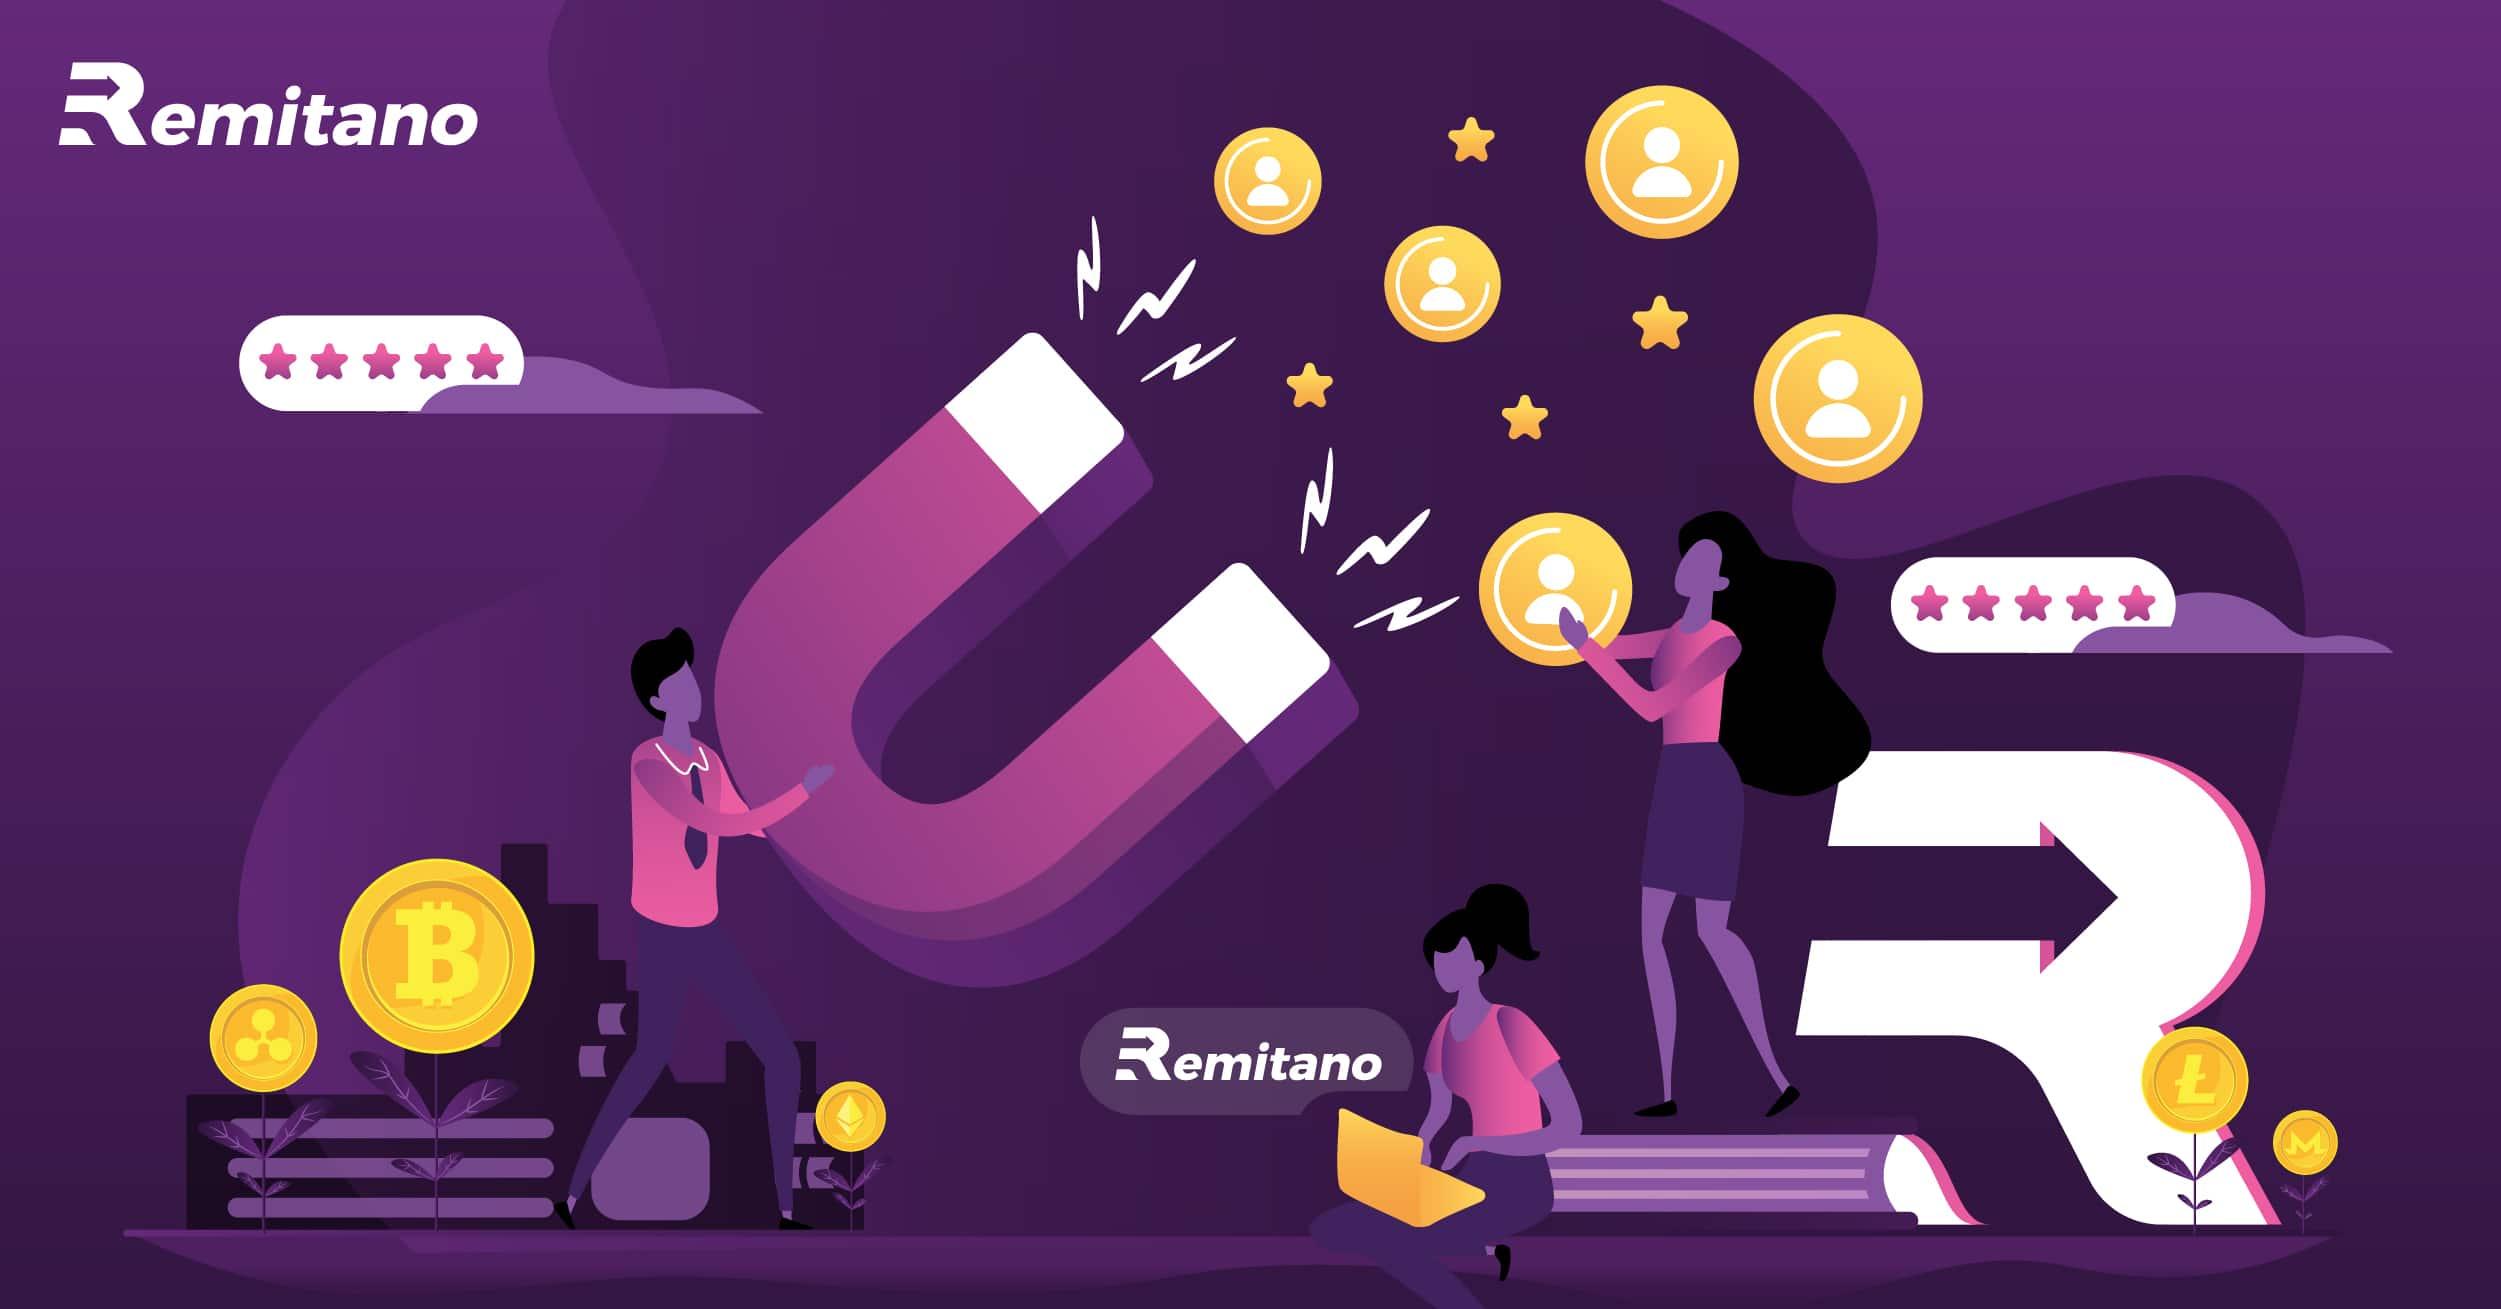 Tay trắng kiếm tiền online cùng Remitano: Tại sao không?